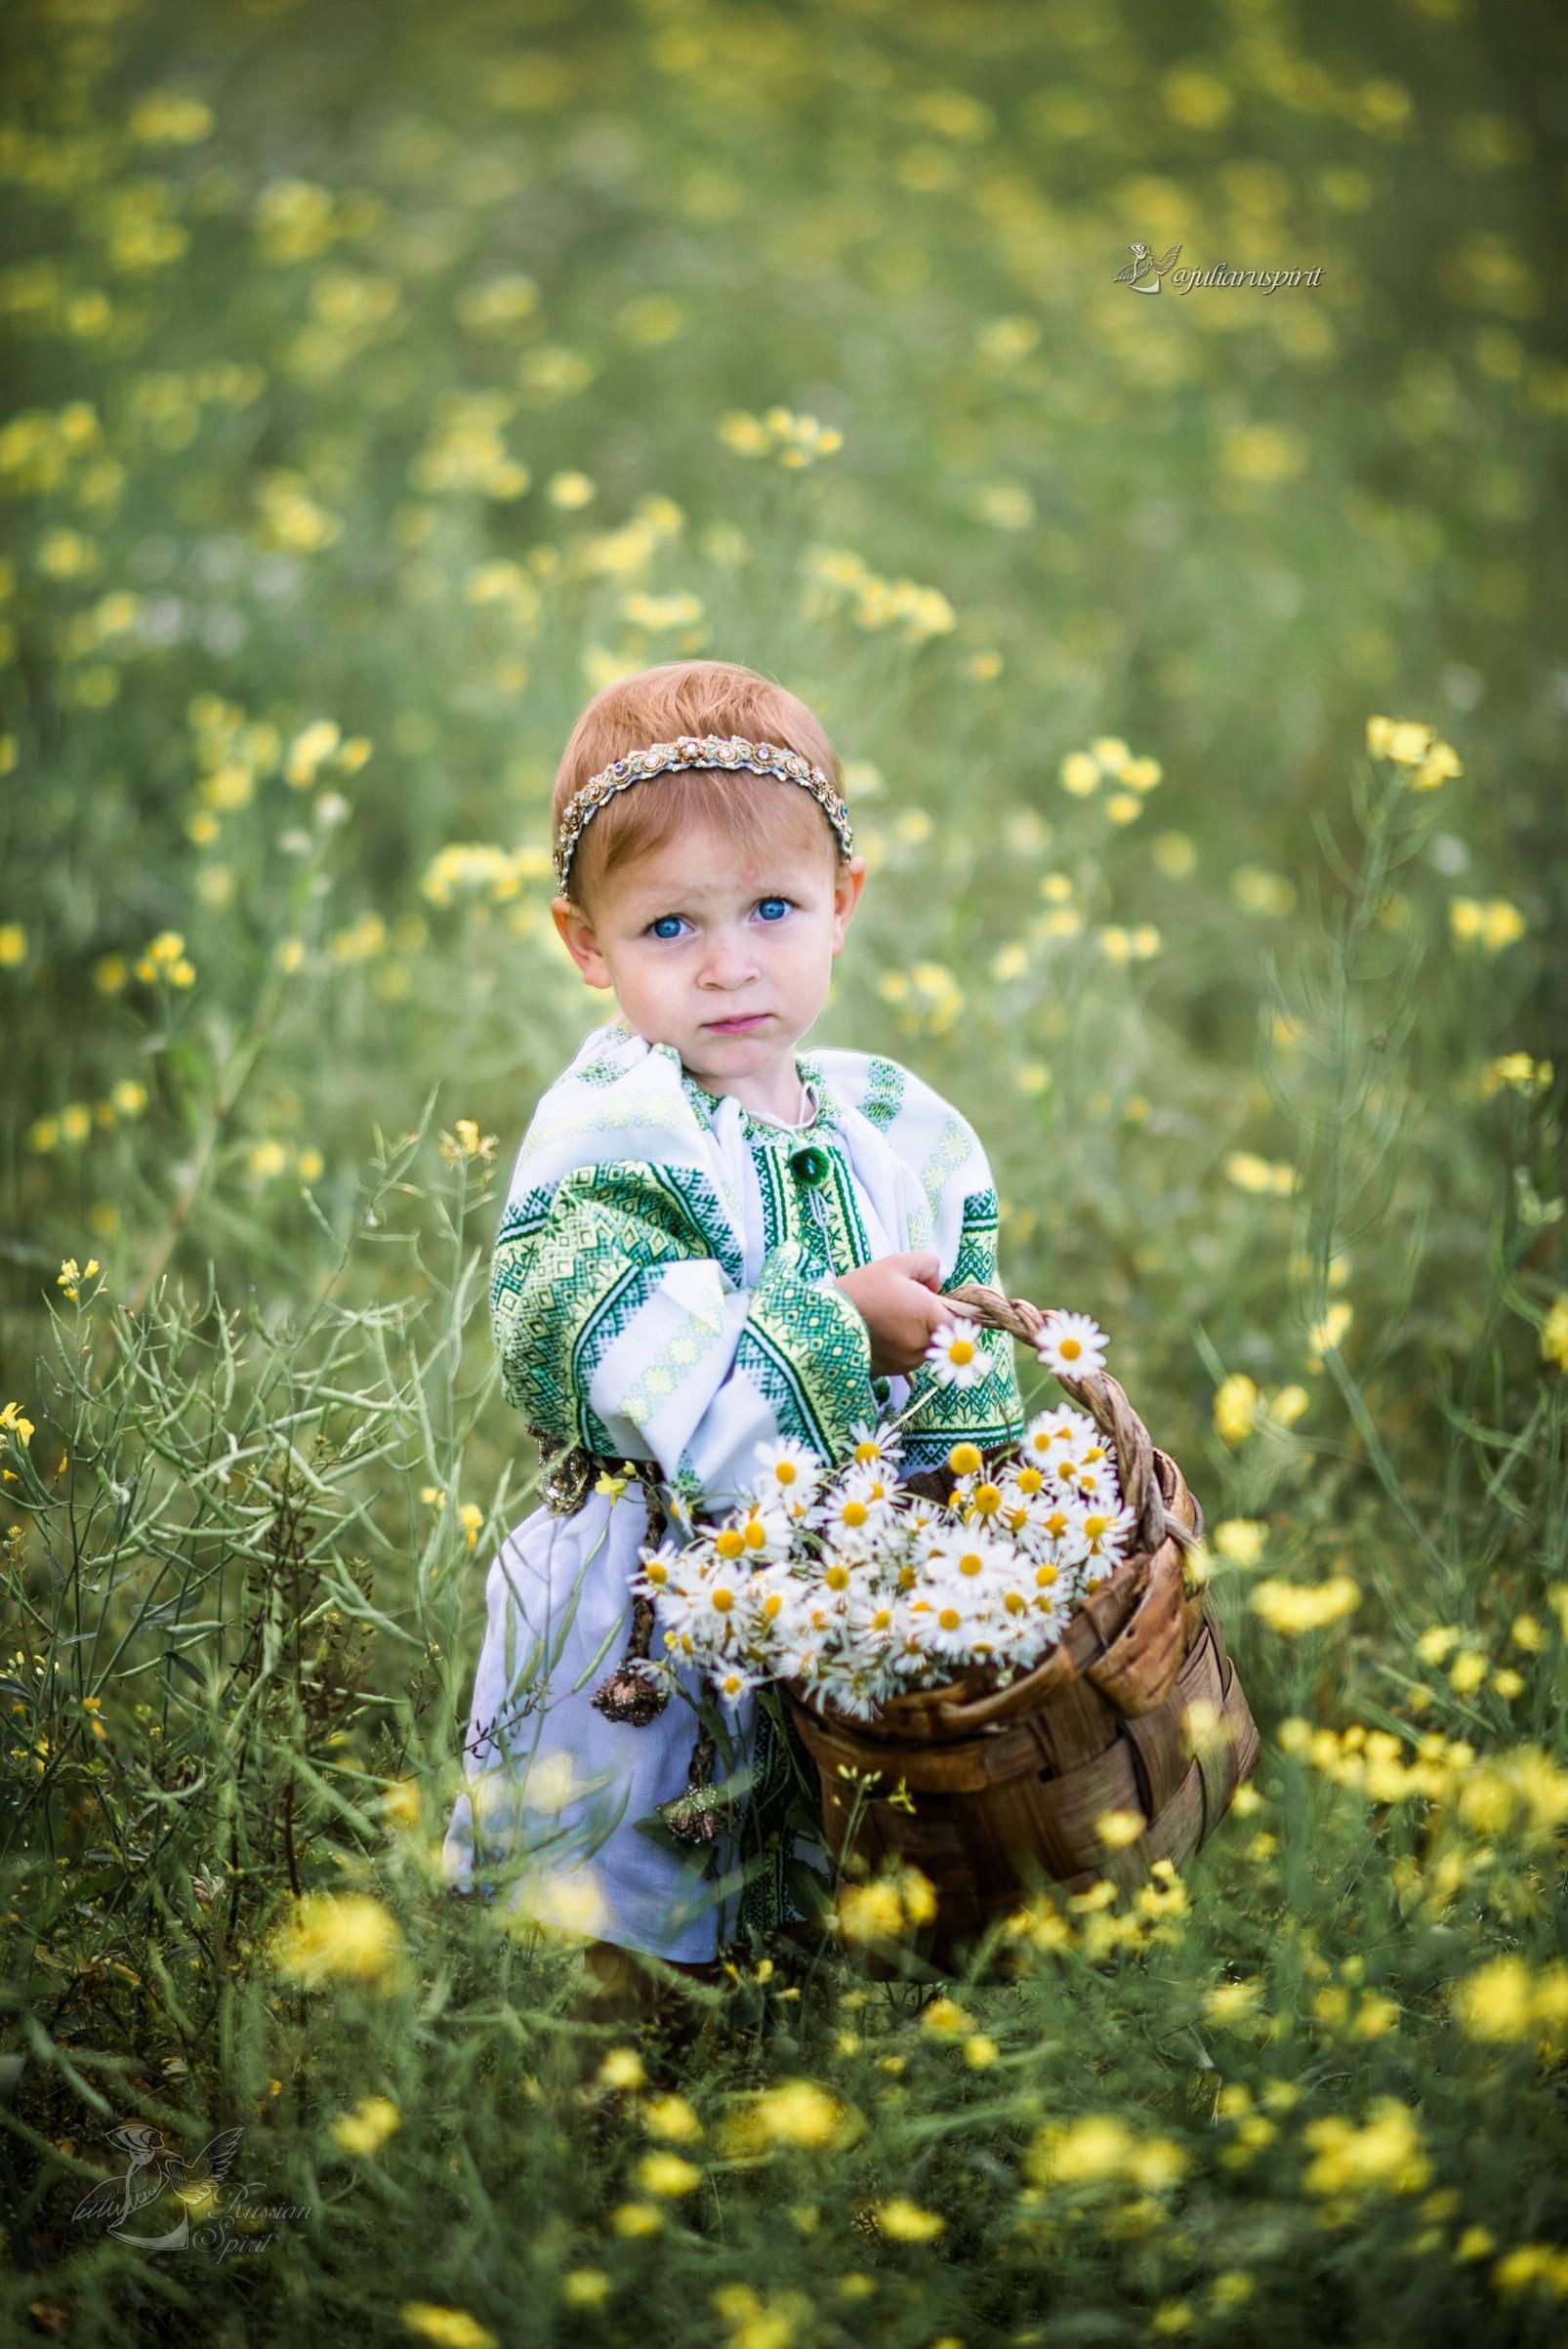 девочка в русском народном сарафане в поле с корзиной ромашек